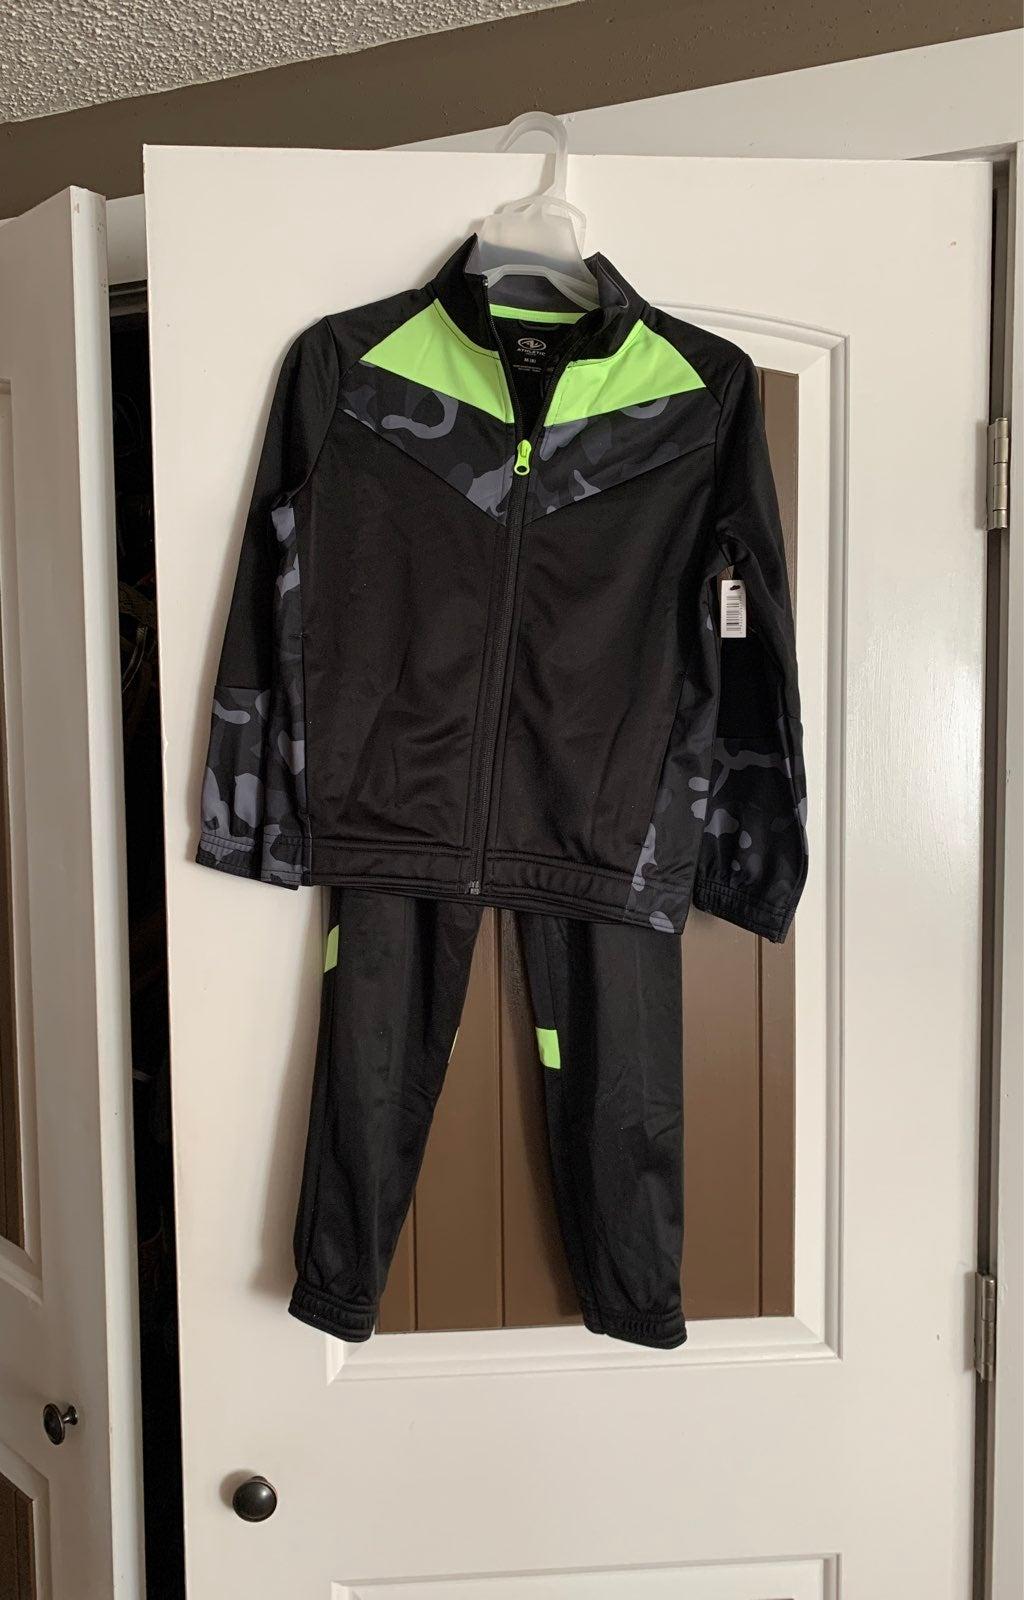 Boys athletic suit